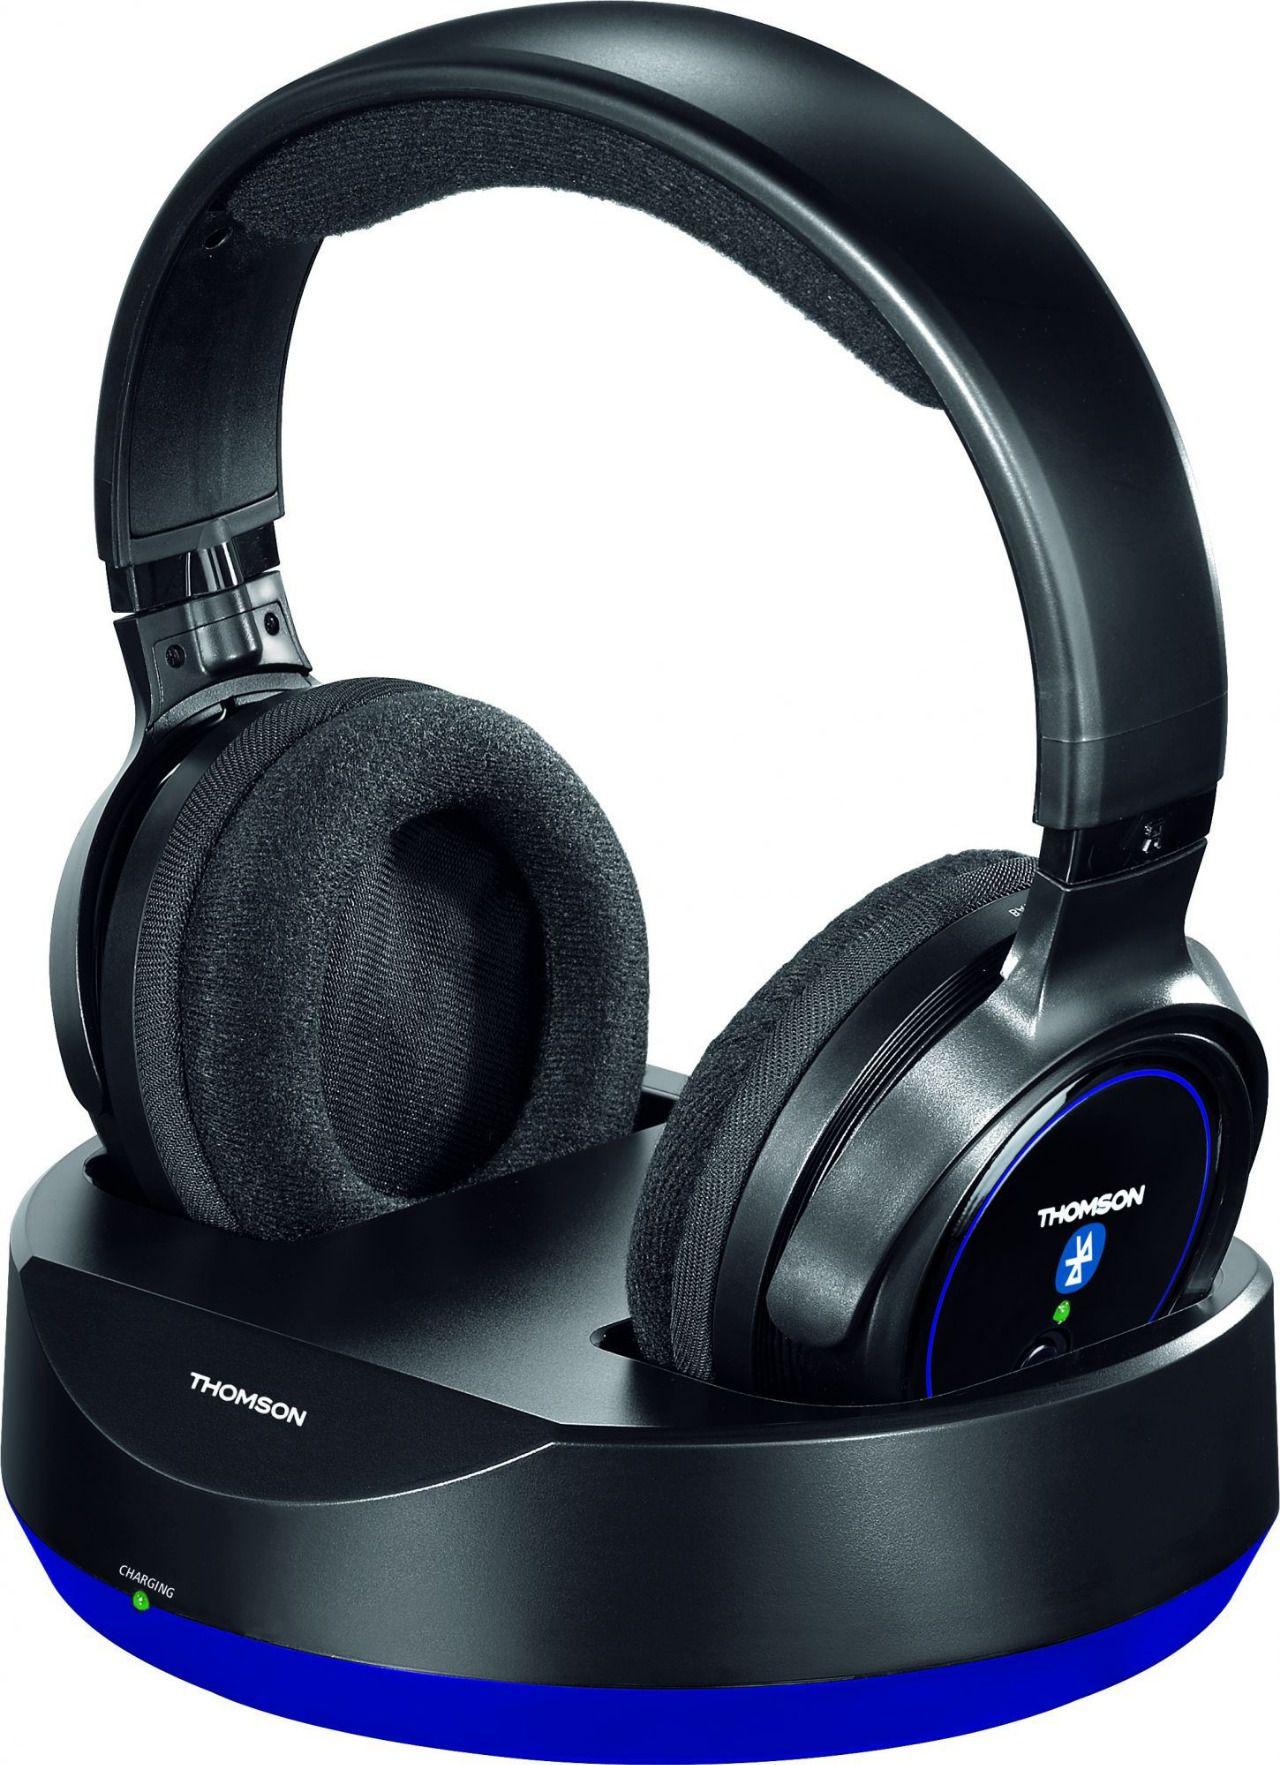 Nuevos auriculares WHP 6316 de Thomson para Hama | Imagenacion